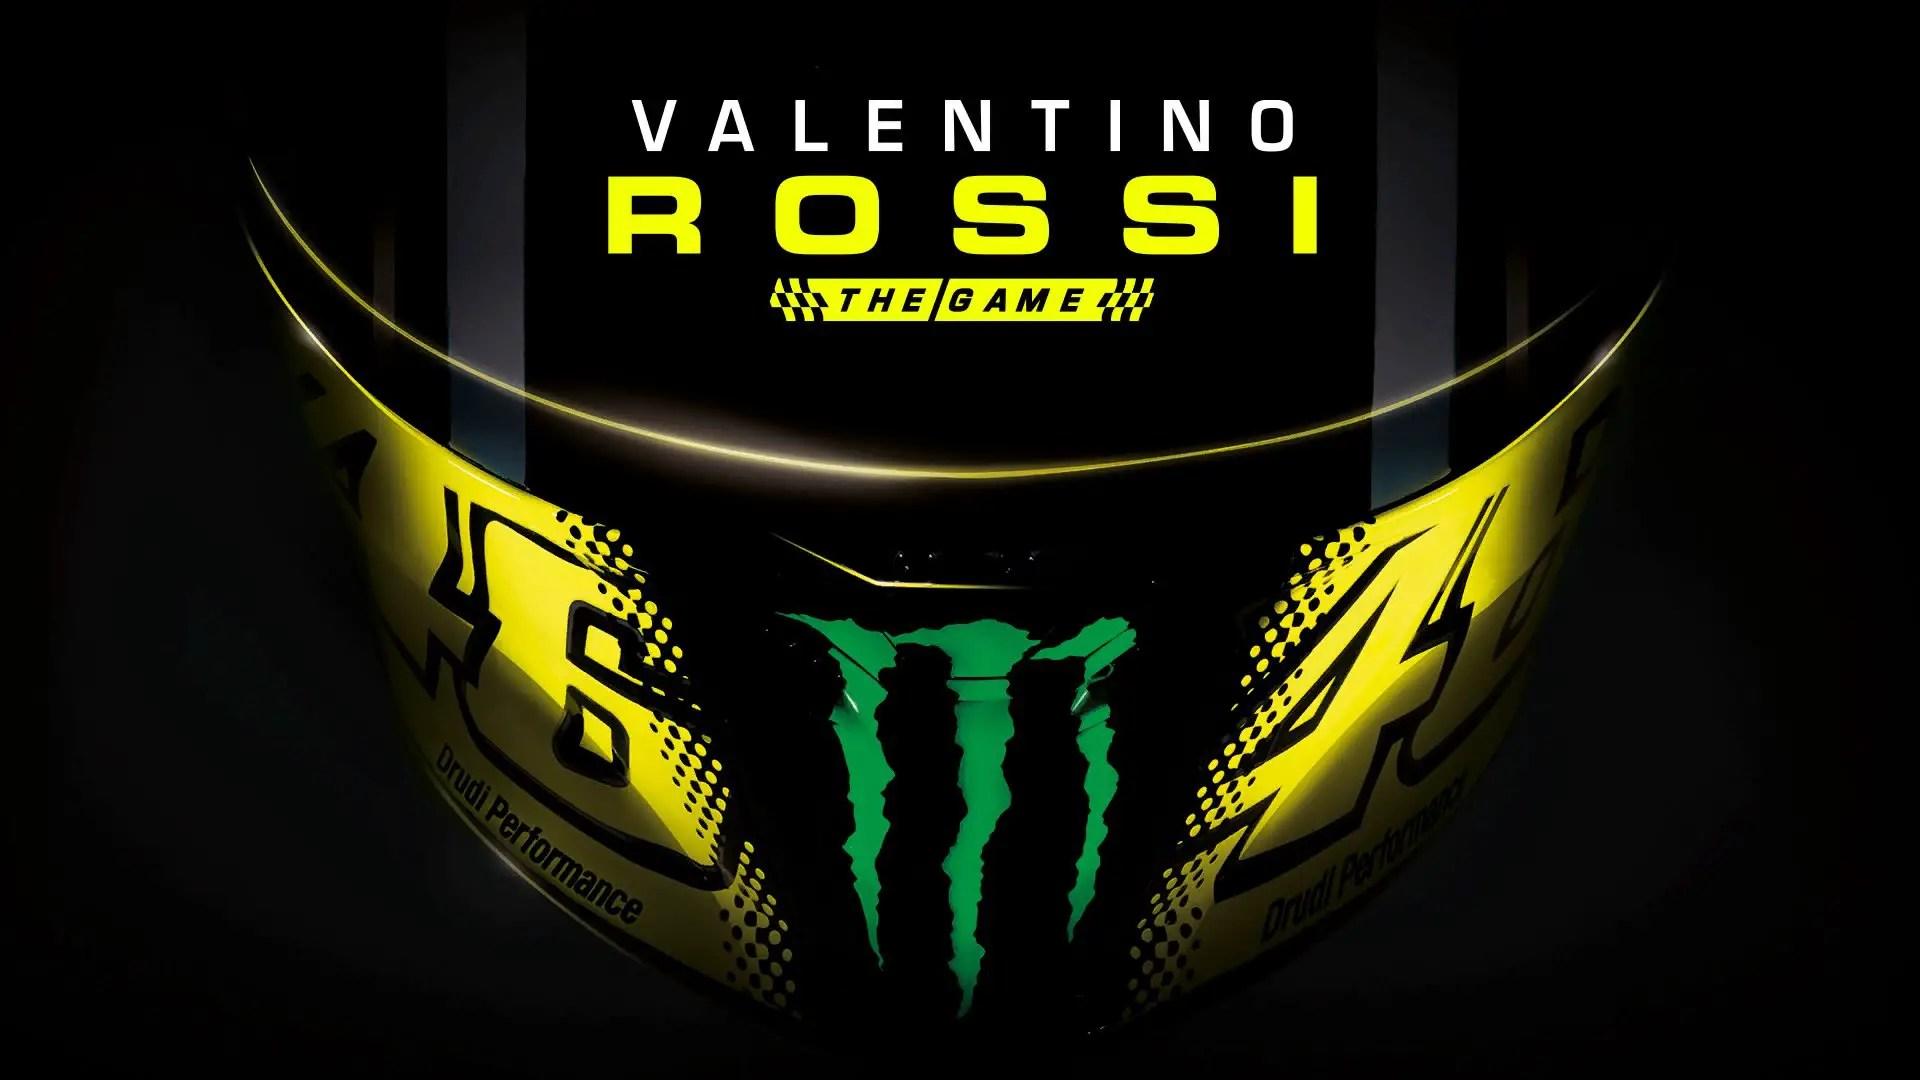 Zelda Hd Wallpaper Test Valentino Rossi The Game Sur Ps4 Jvfrance